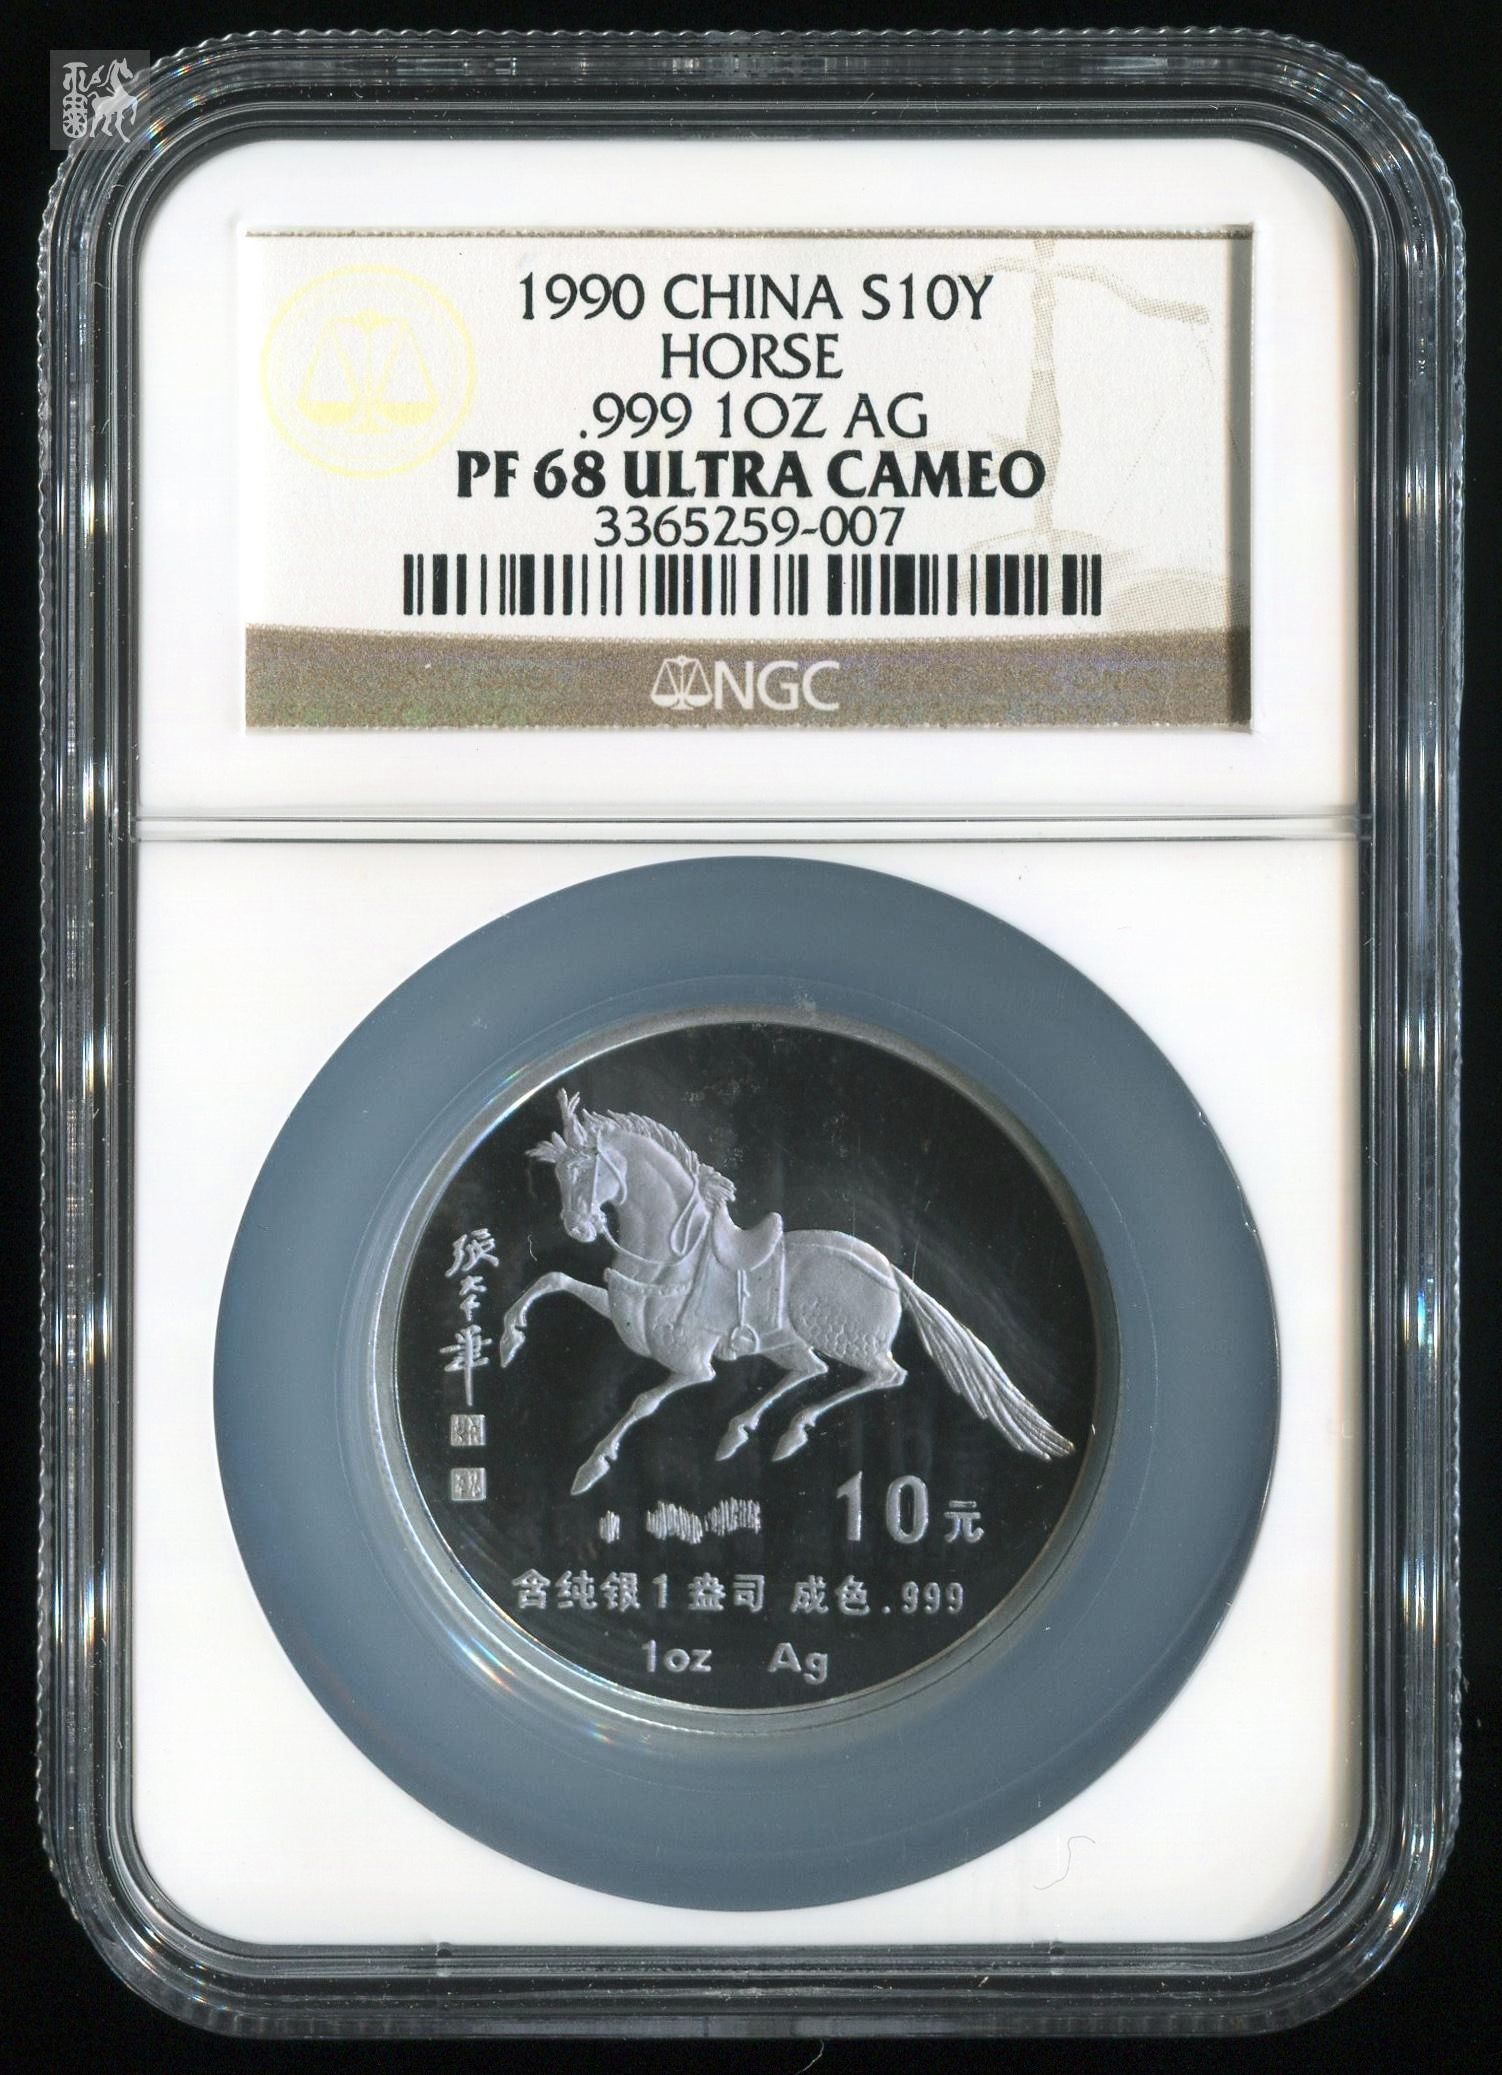 1990年庚午马年生肖1盎司精制银币一枚(ngc pf68 3365259